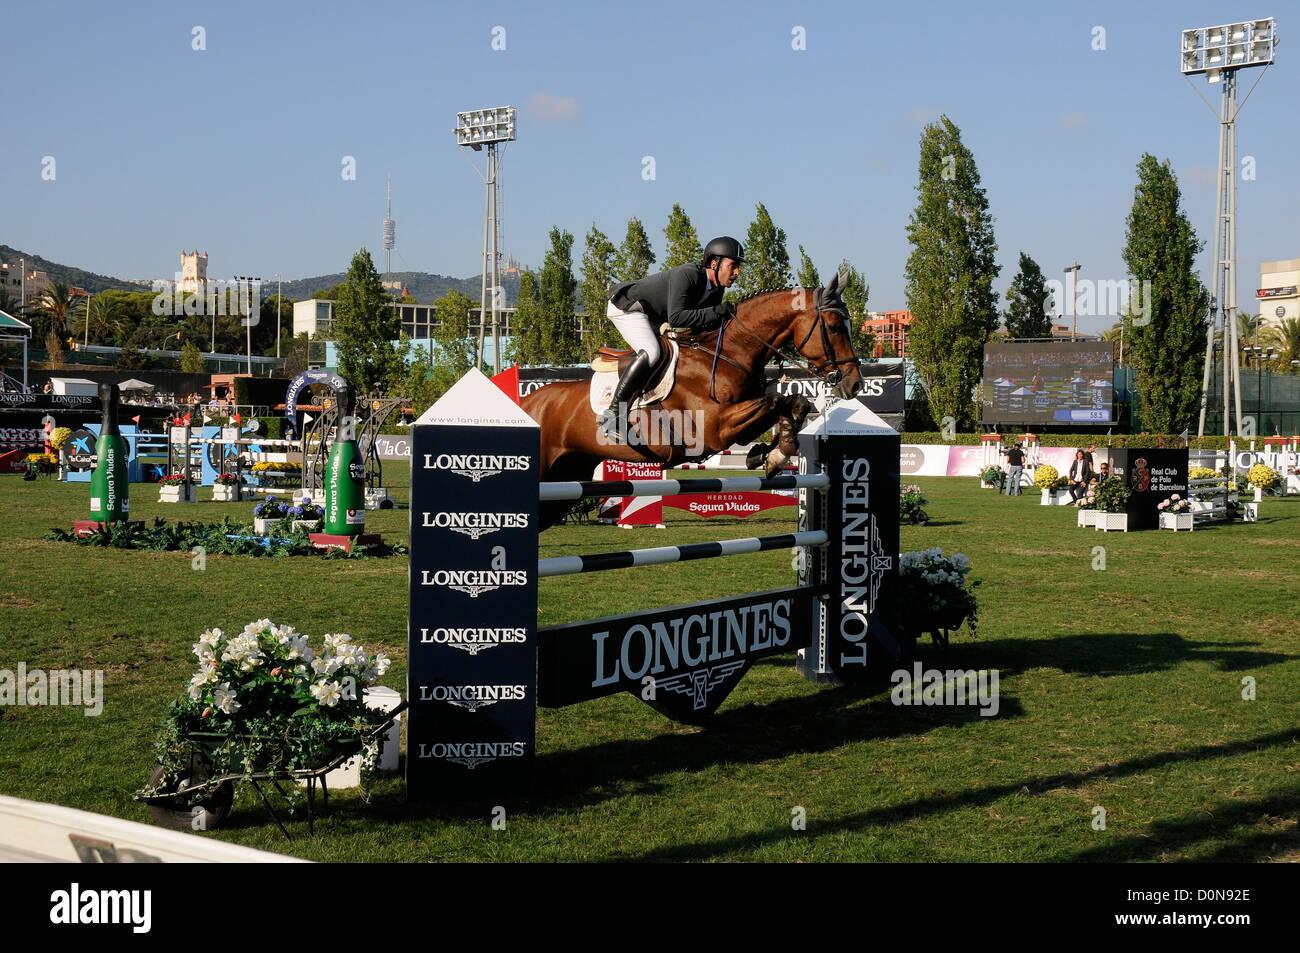 Pferd mit Reiter springen ein Hindernis beim CSIO, International Jumping Wettbewerb der Meisterschaft fand in Barcelona Stockbild